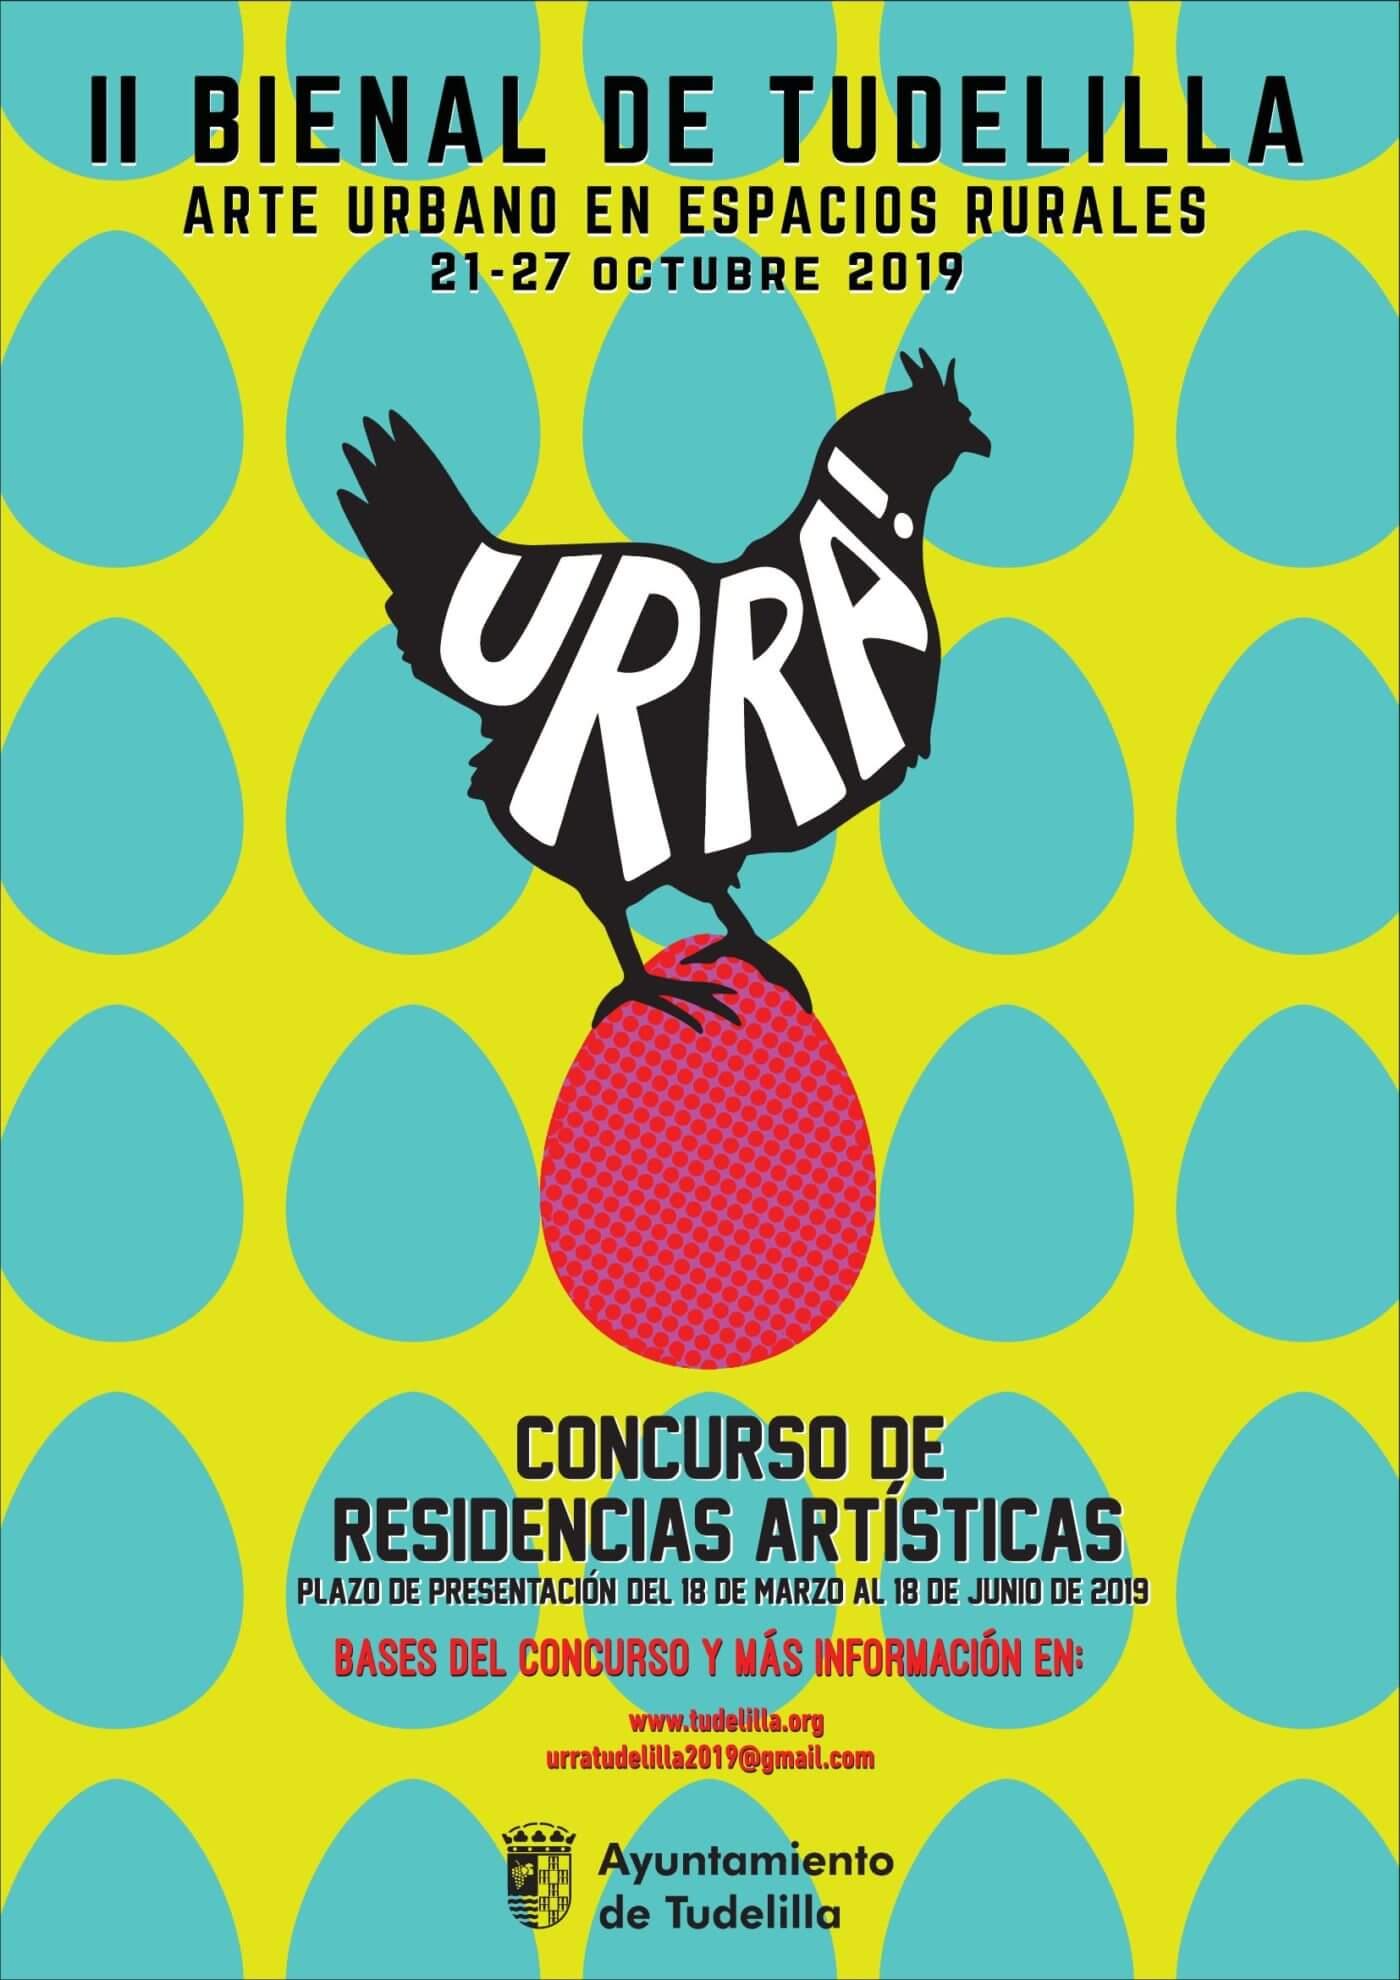 El ayuntamiento de Tudelilla convoca el concurso de Residencias Artísticas para la 'II Bienal de Tudelilla. Arte Urbano en espacios rurales'